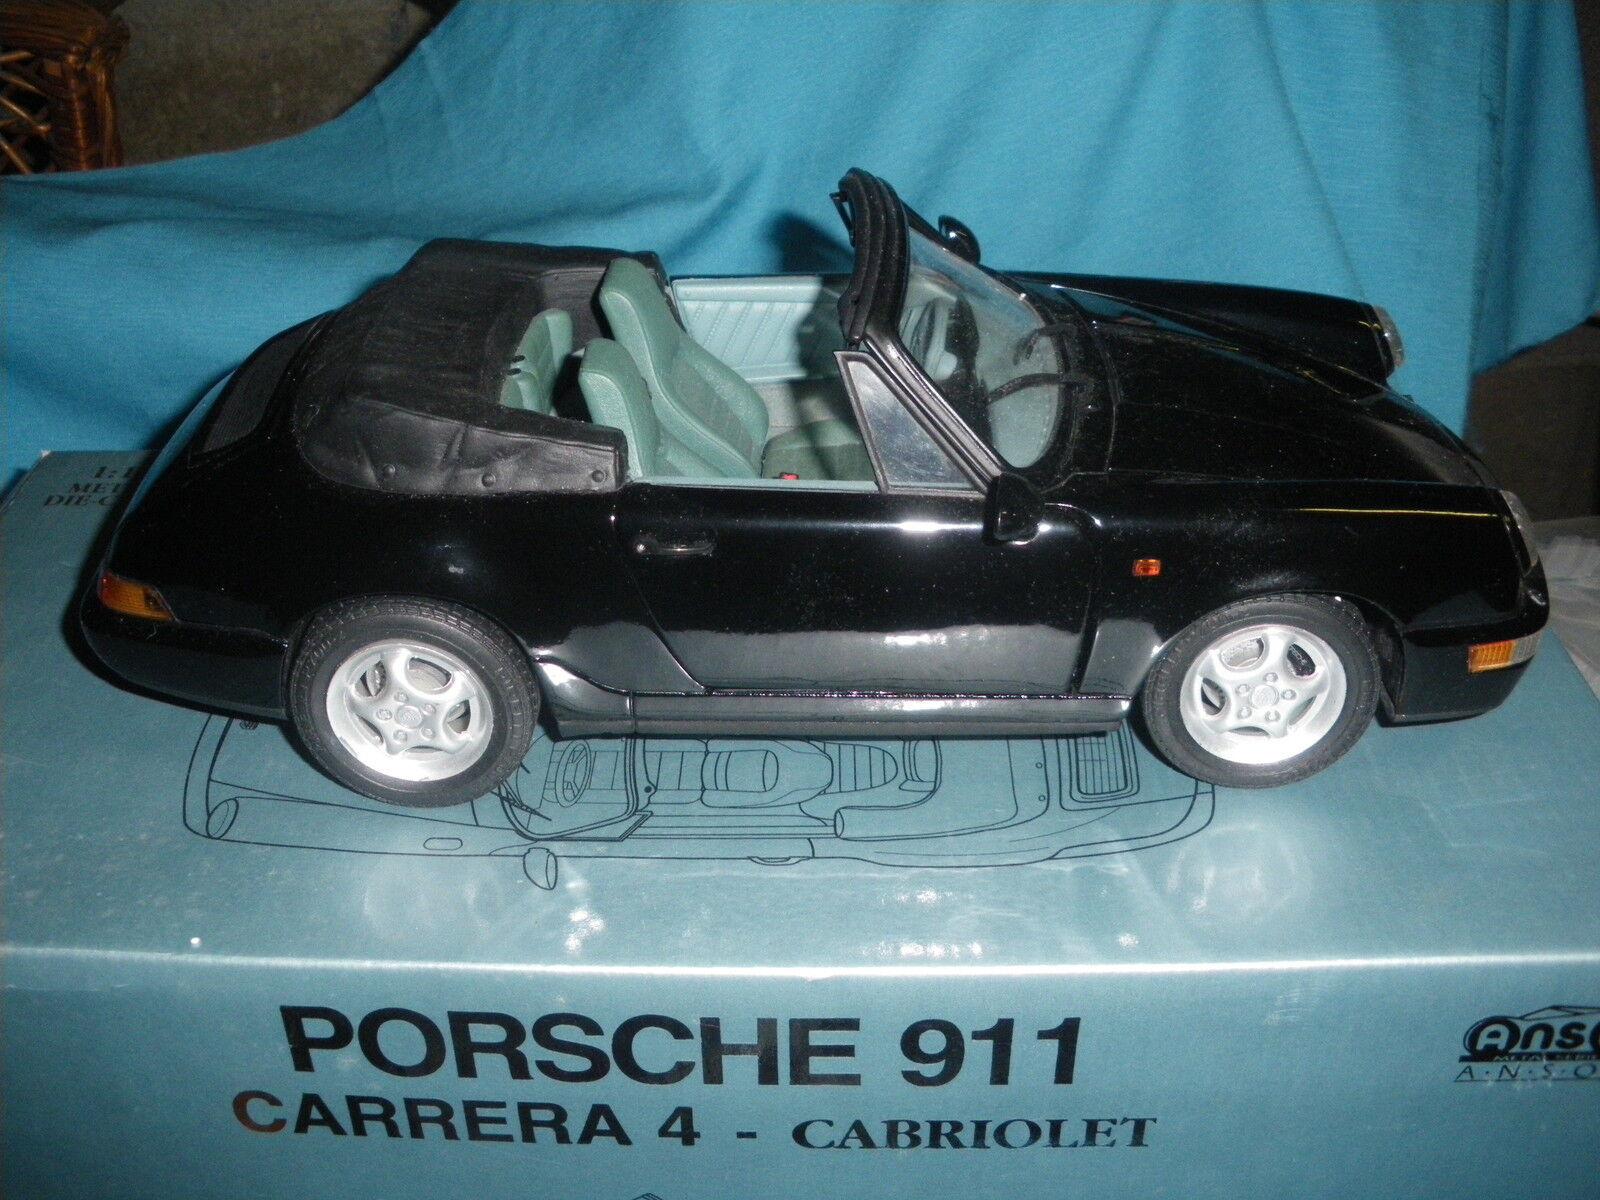 529A Anson 30313 Porsche 911 Carrera 4 Cabriolet 1 14